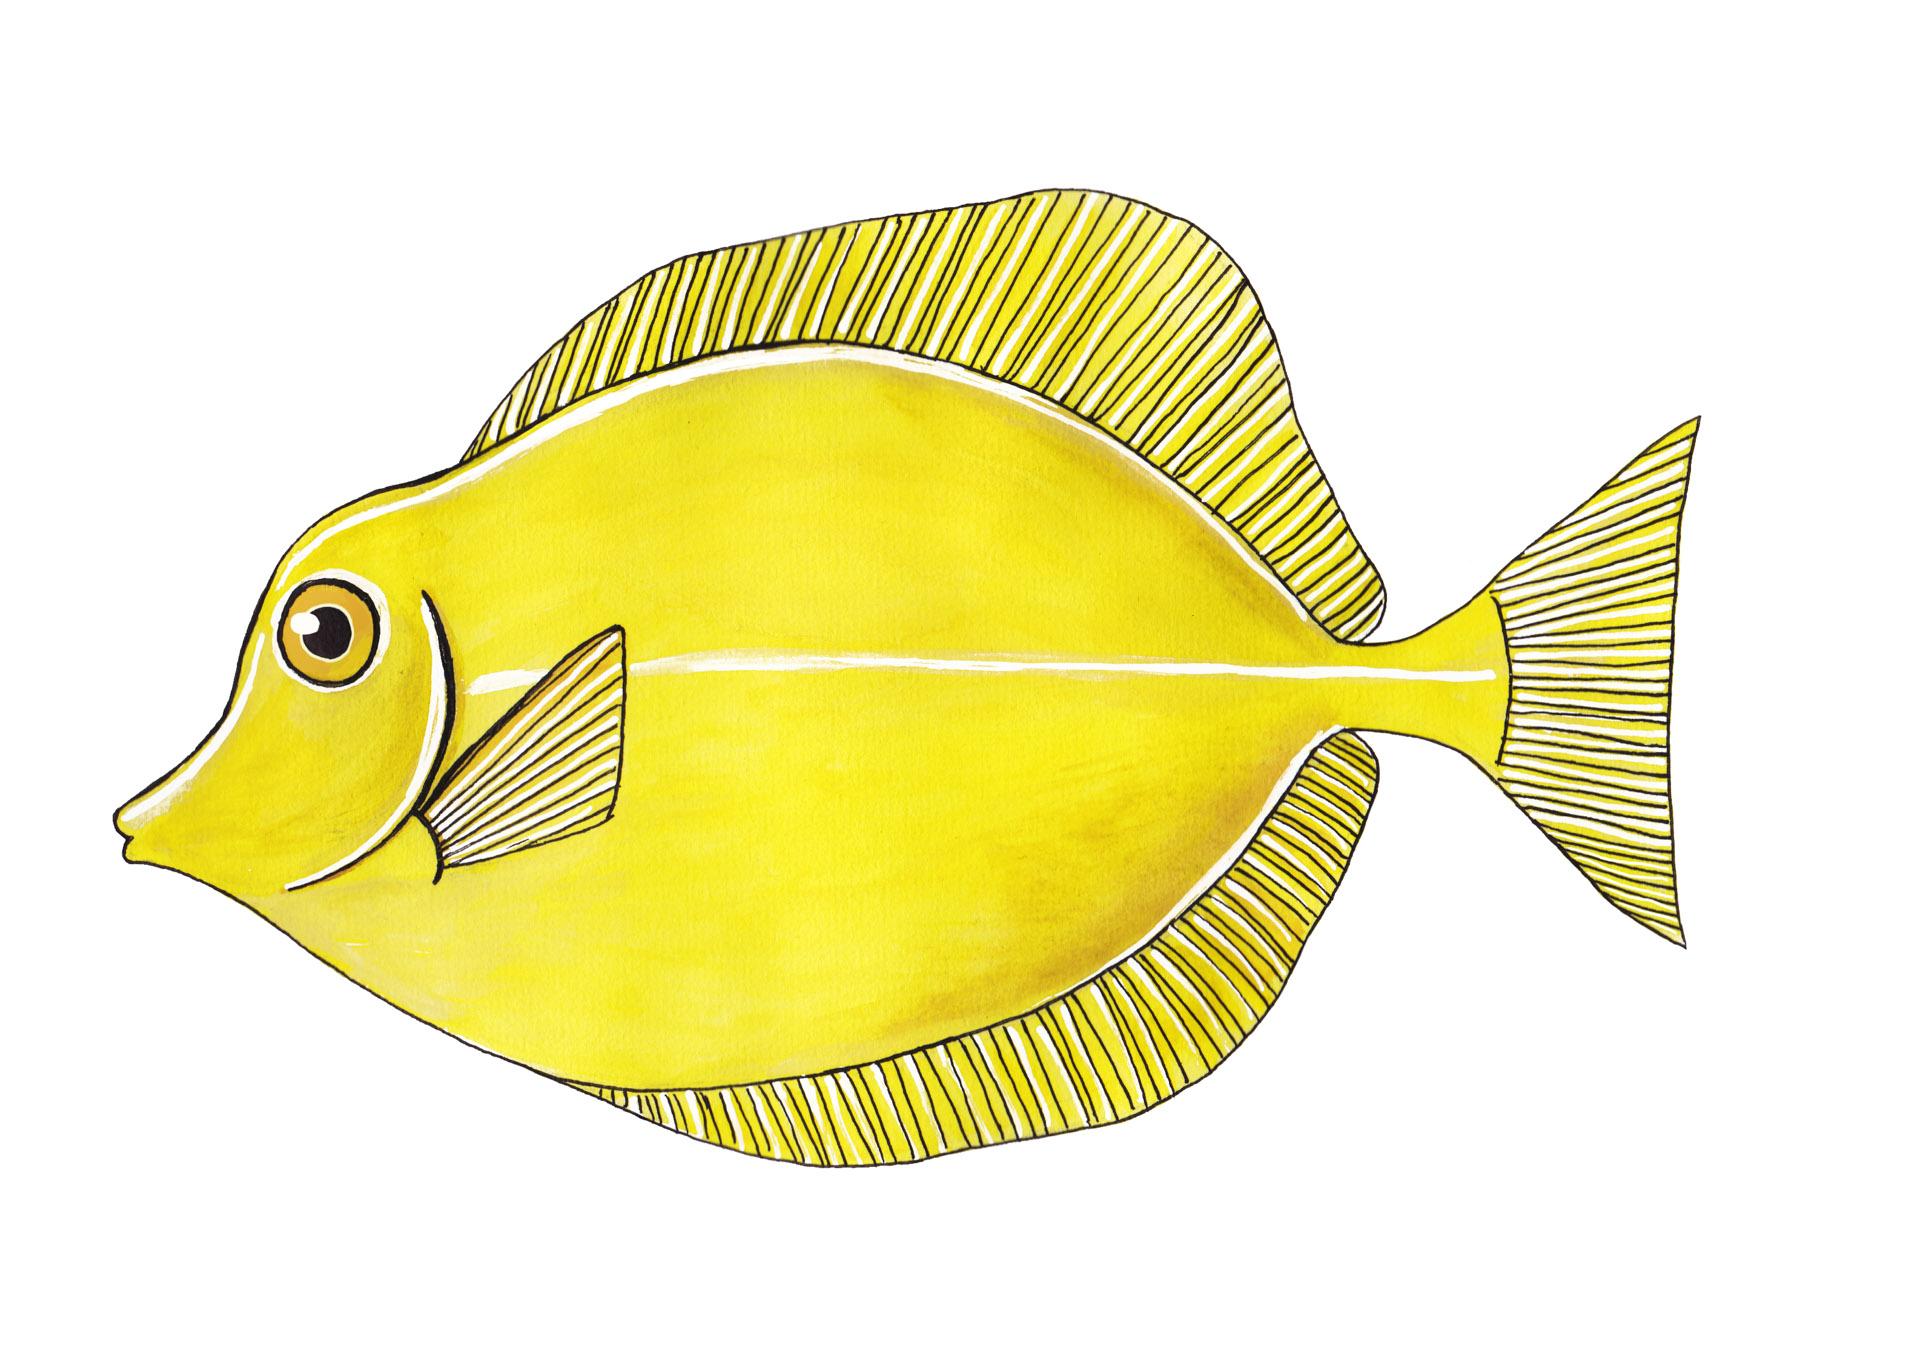 Gele Zijlvindoctorsvis